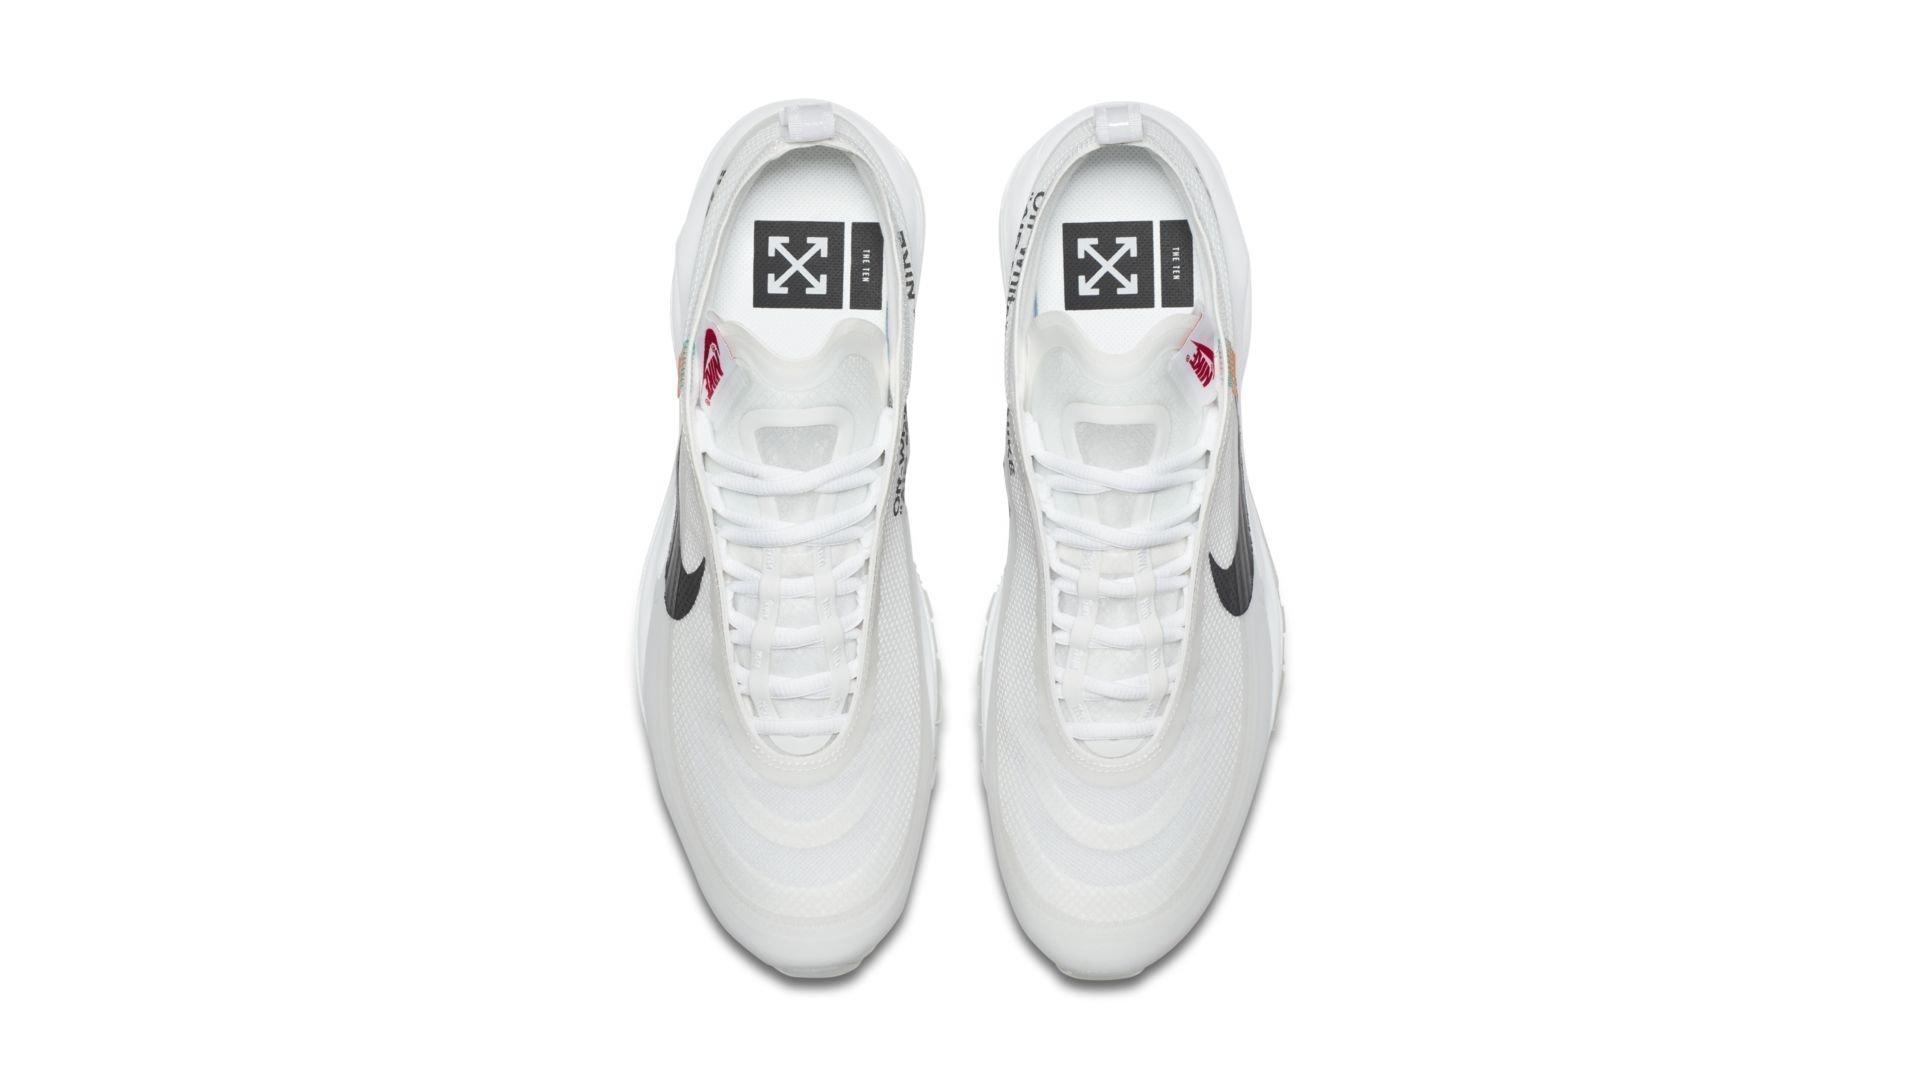 Nike The Ten Air Max 97 'Off White' (AJ4585_100)